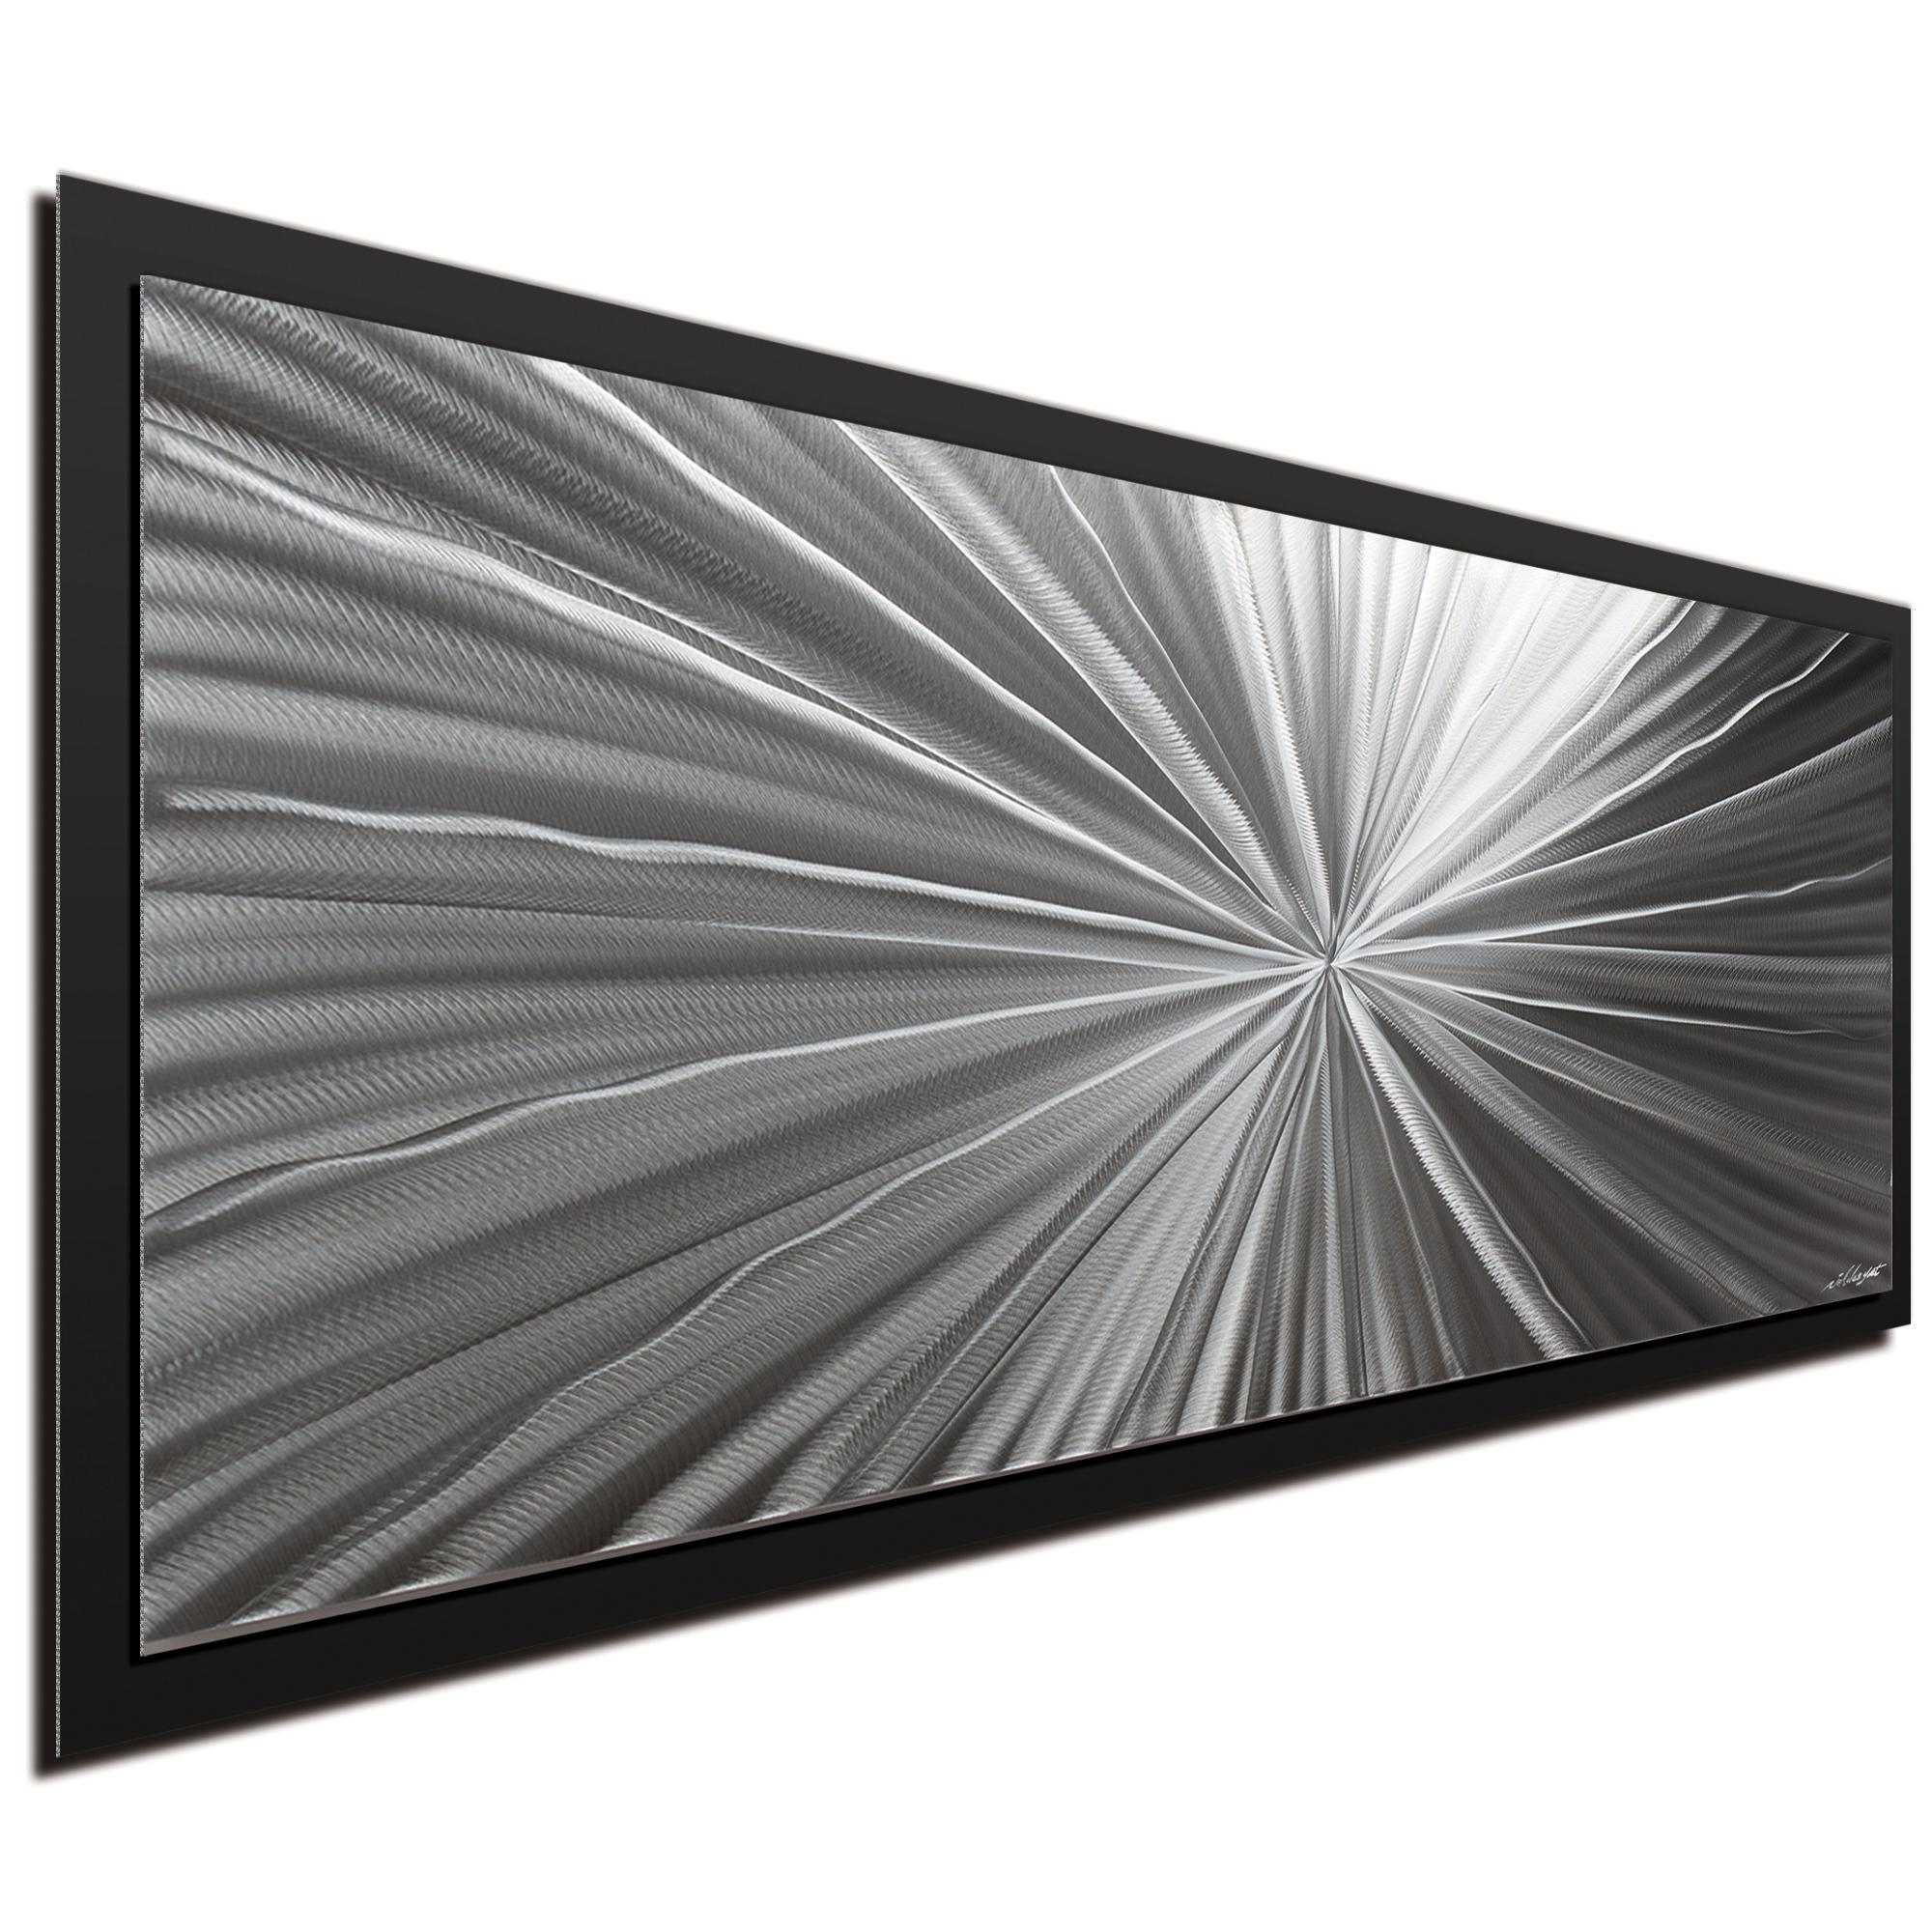 Tantalum Composition Framed - Image 2